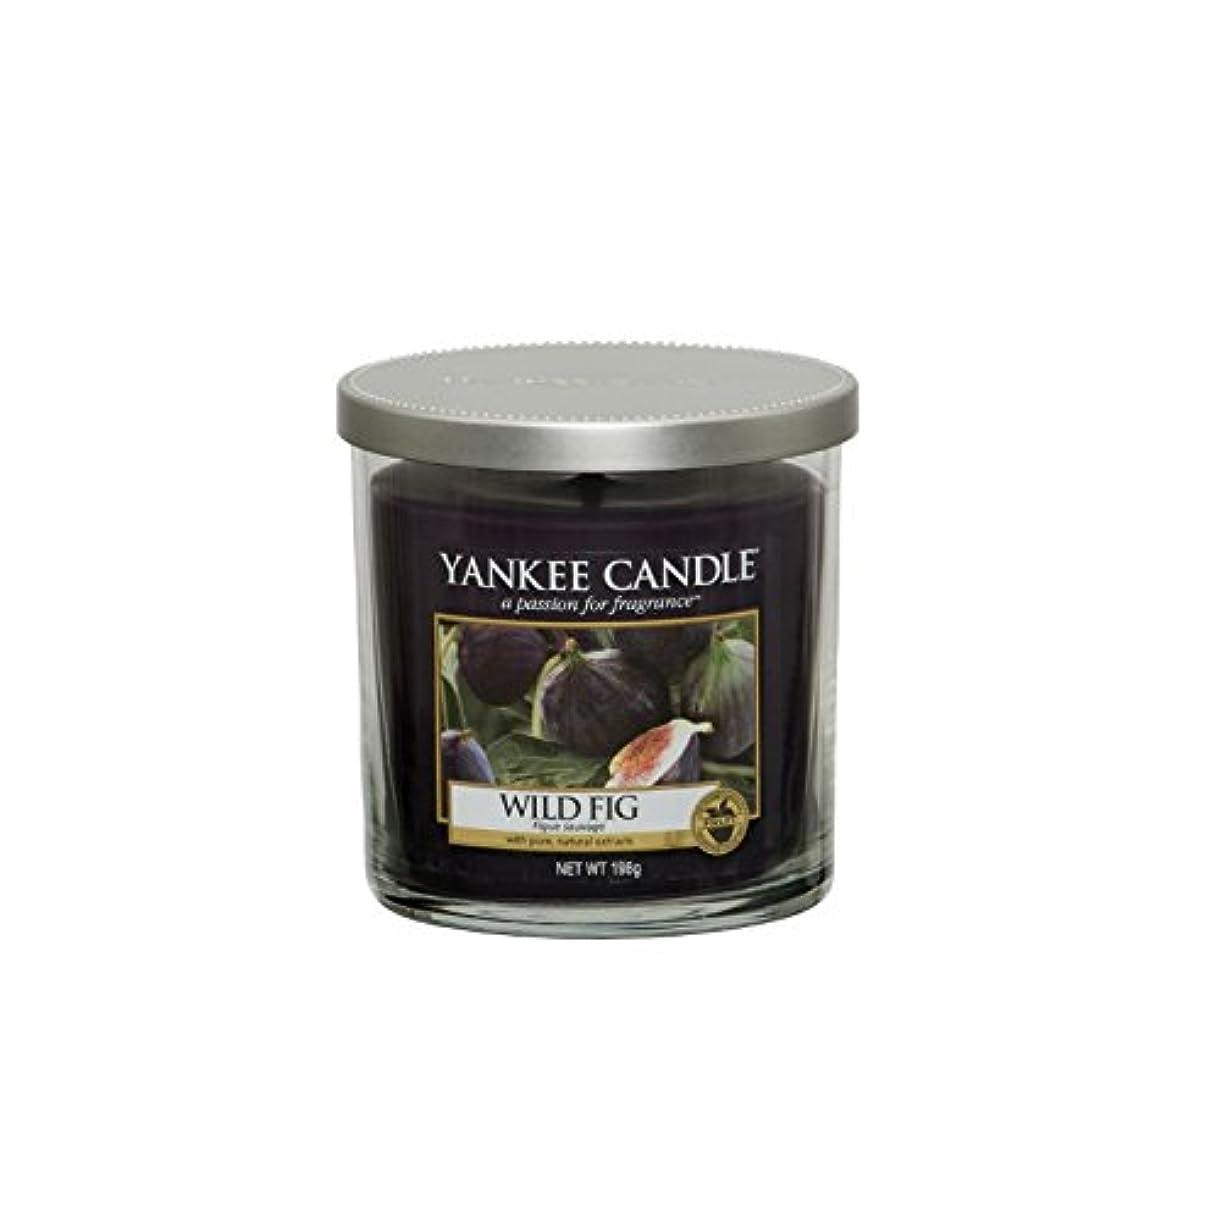 人予報無声でヤンキーキャンドルの小さな柱キャンドル - 野生のイチジク - Yankee Candles Small Pillar Candle - Wild Fig (Yankee Candles) [並行輸入品]